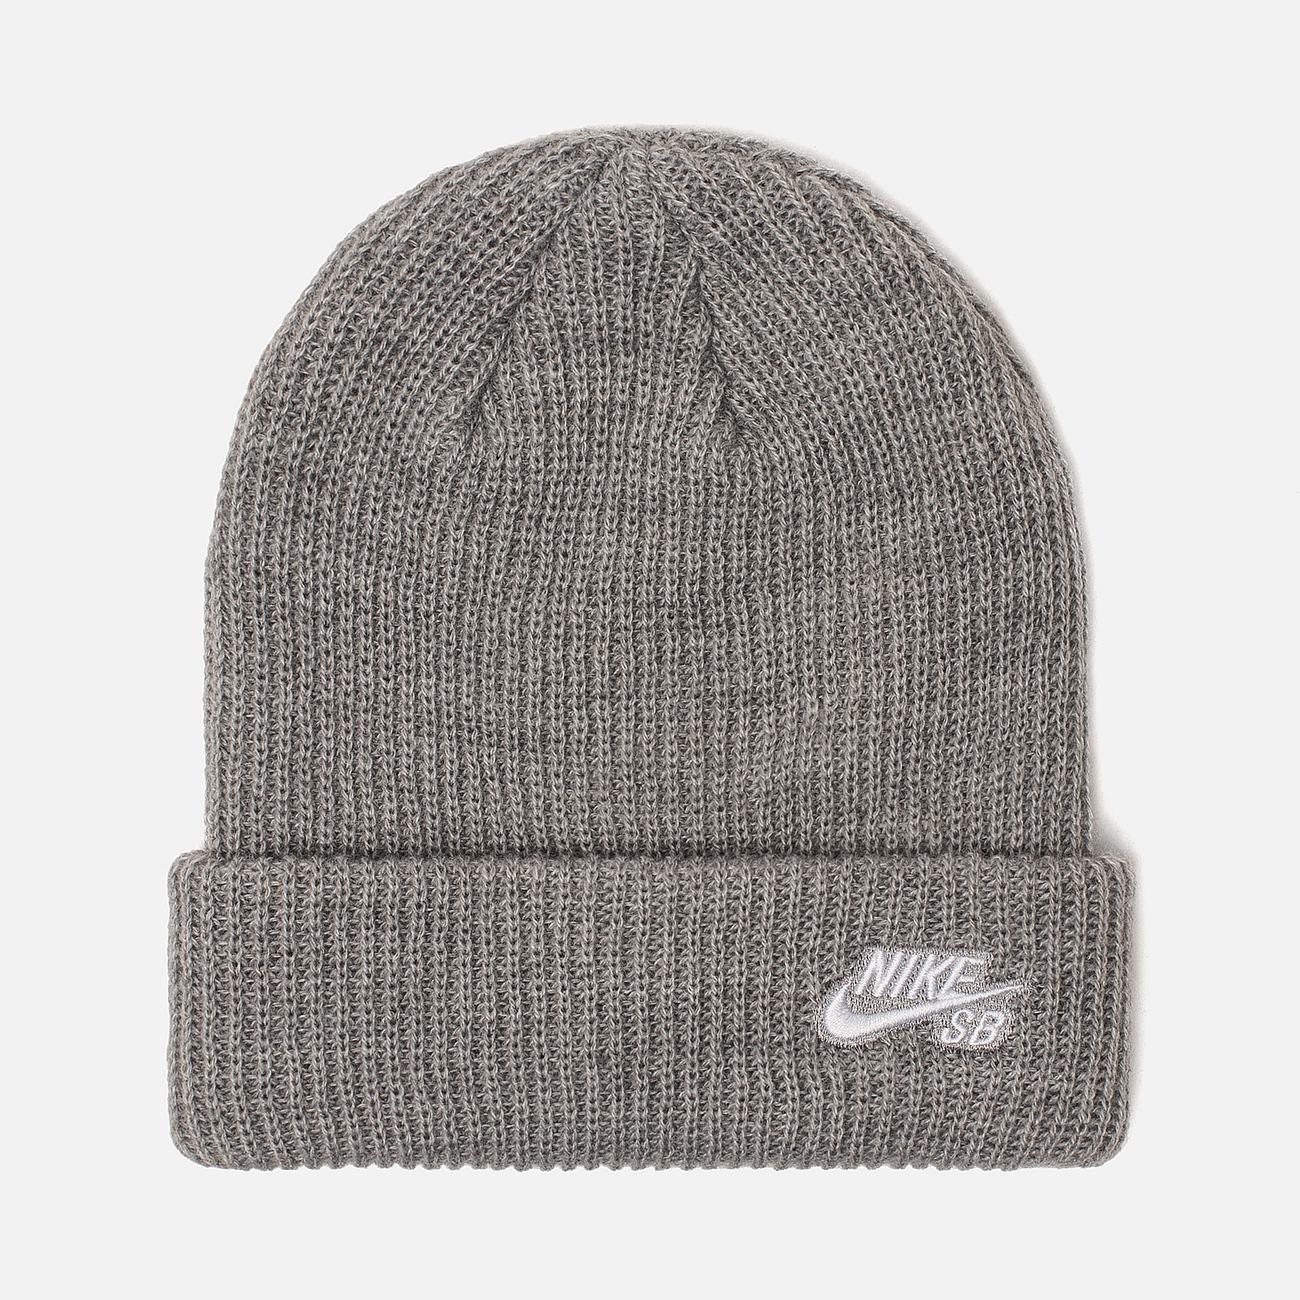 Шапка Nike SB Beanie Fisherman Dark Grey Heather/White